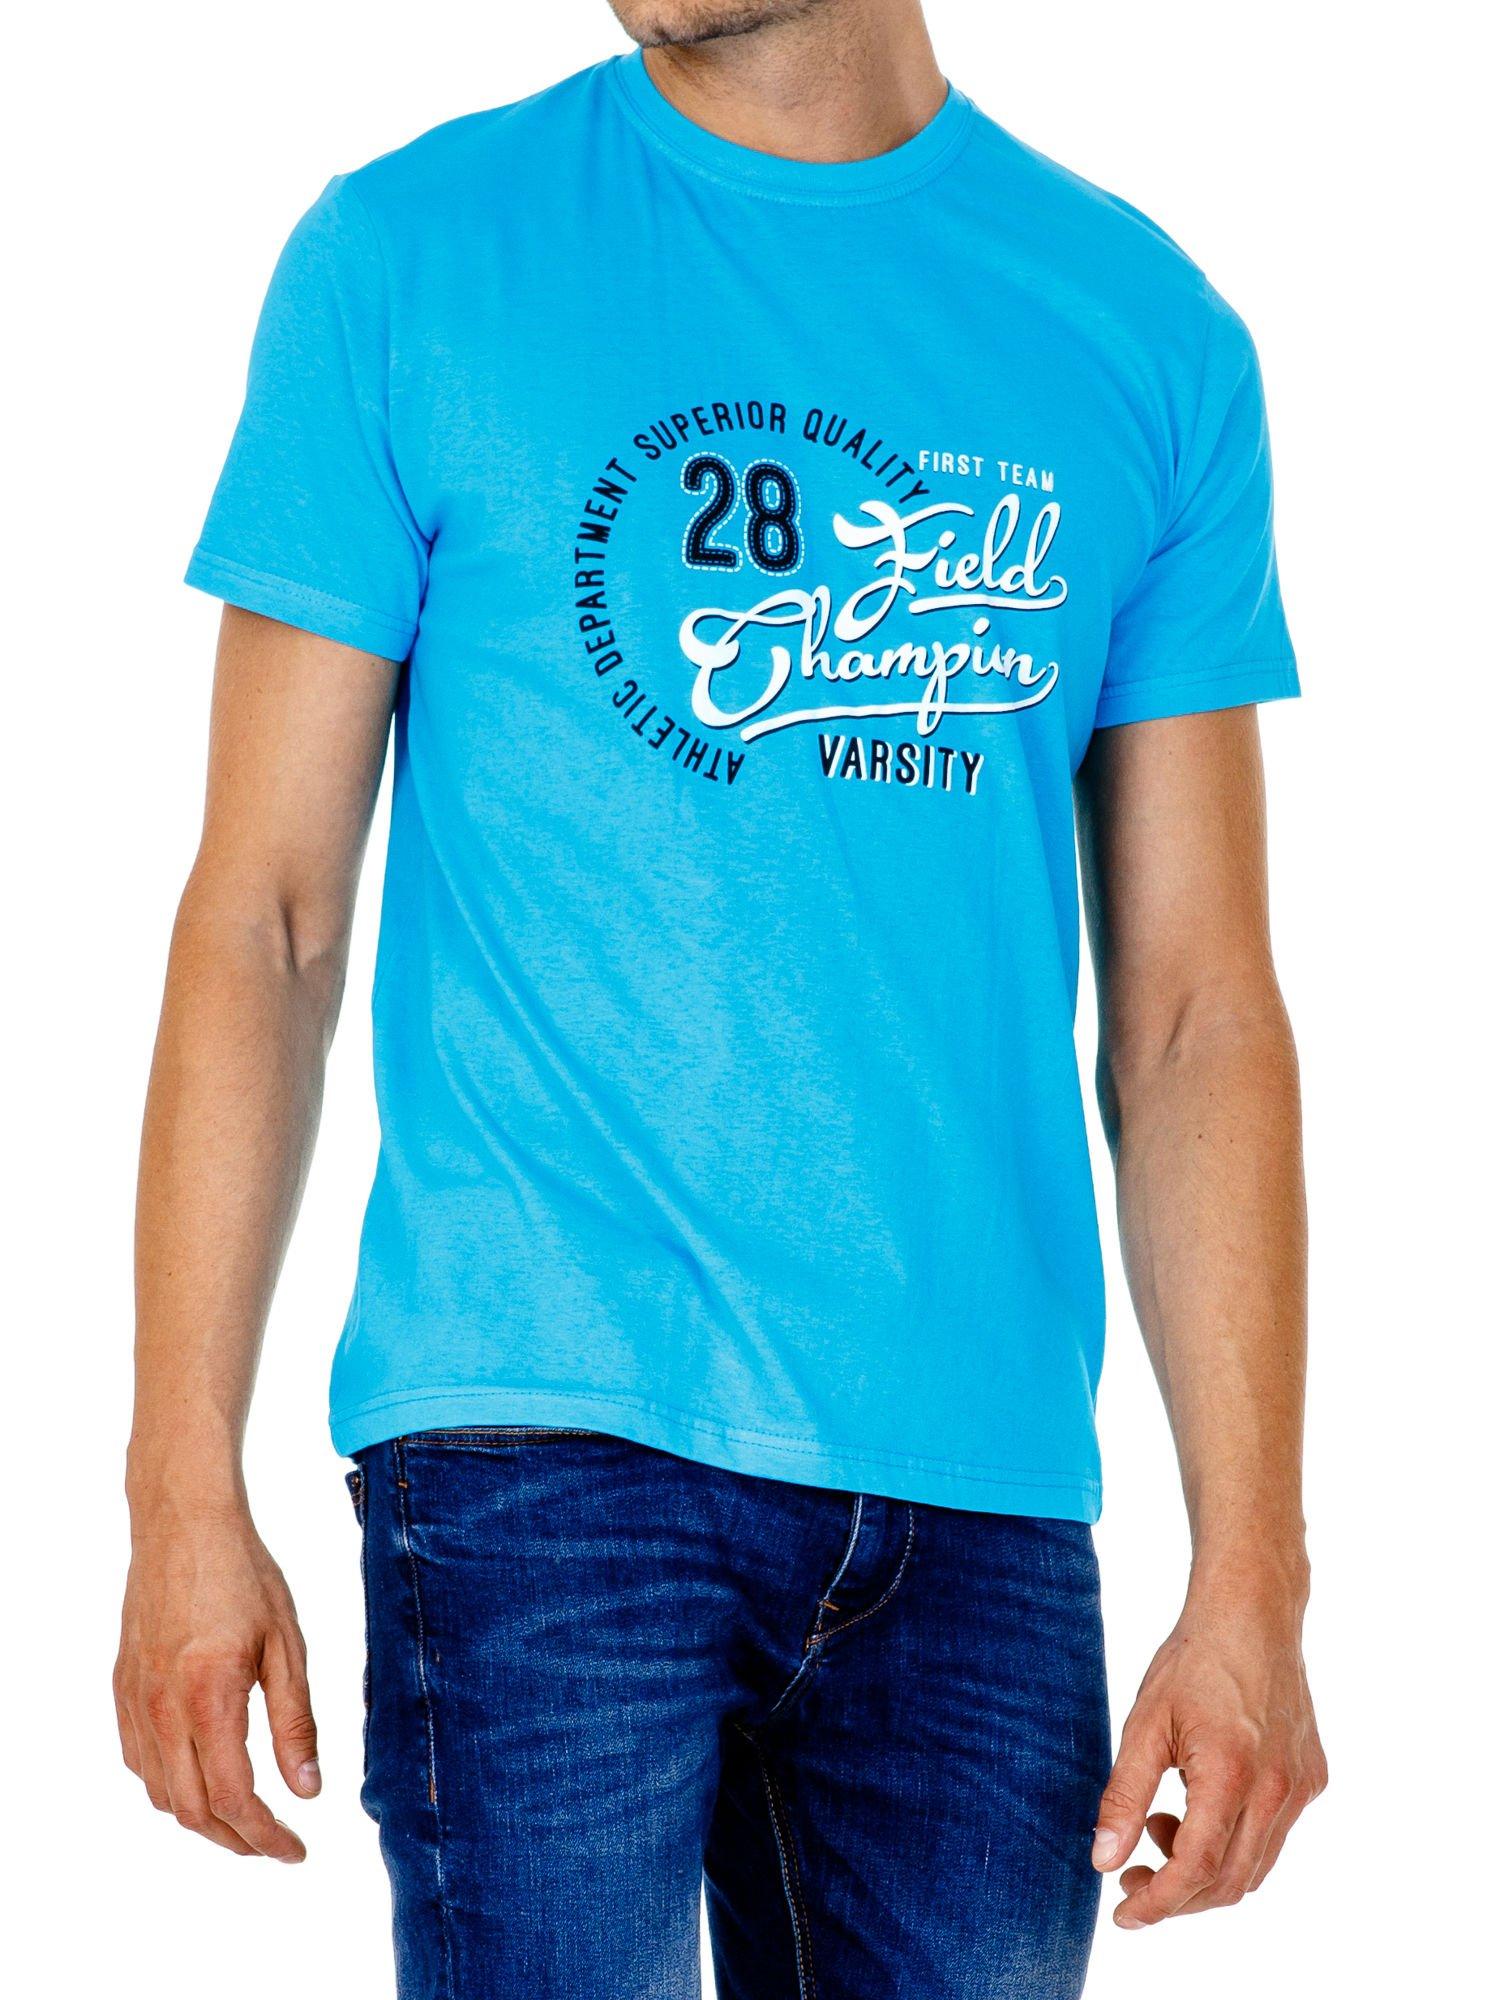 Niebieski t-shirt męski z napisem CHAMPION i liczbą 28                                  zdj.                                  3